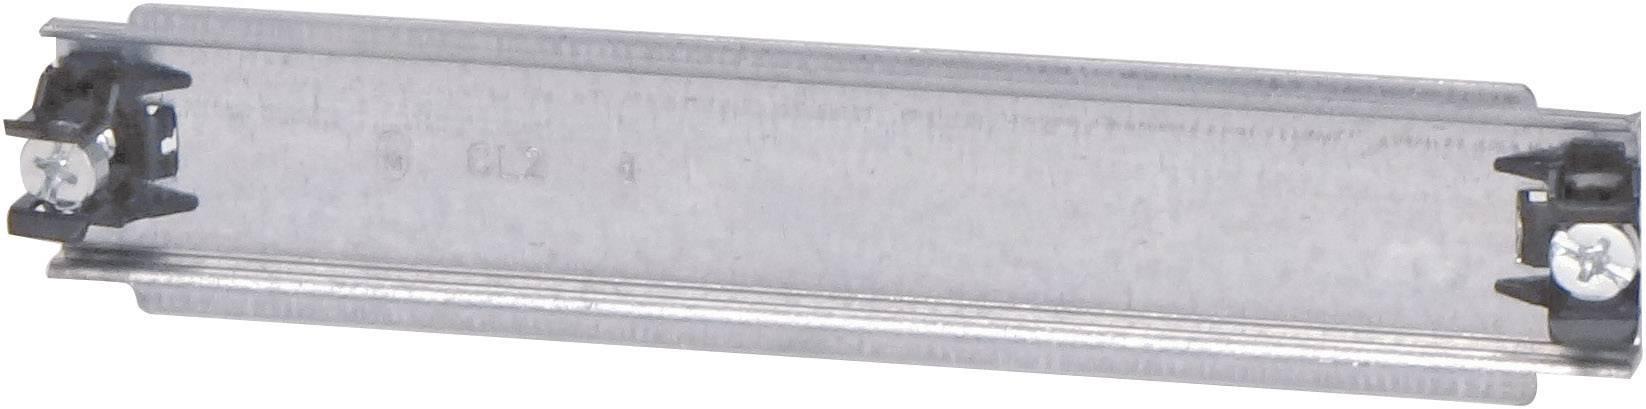 Kolejnice Eaton CL2, ocelový plech, 187.5 mm, 1 ks